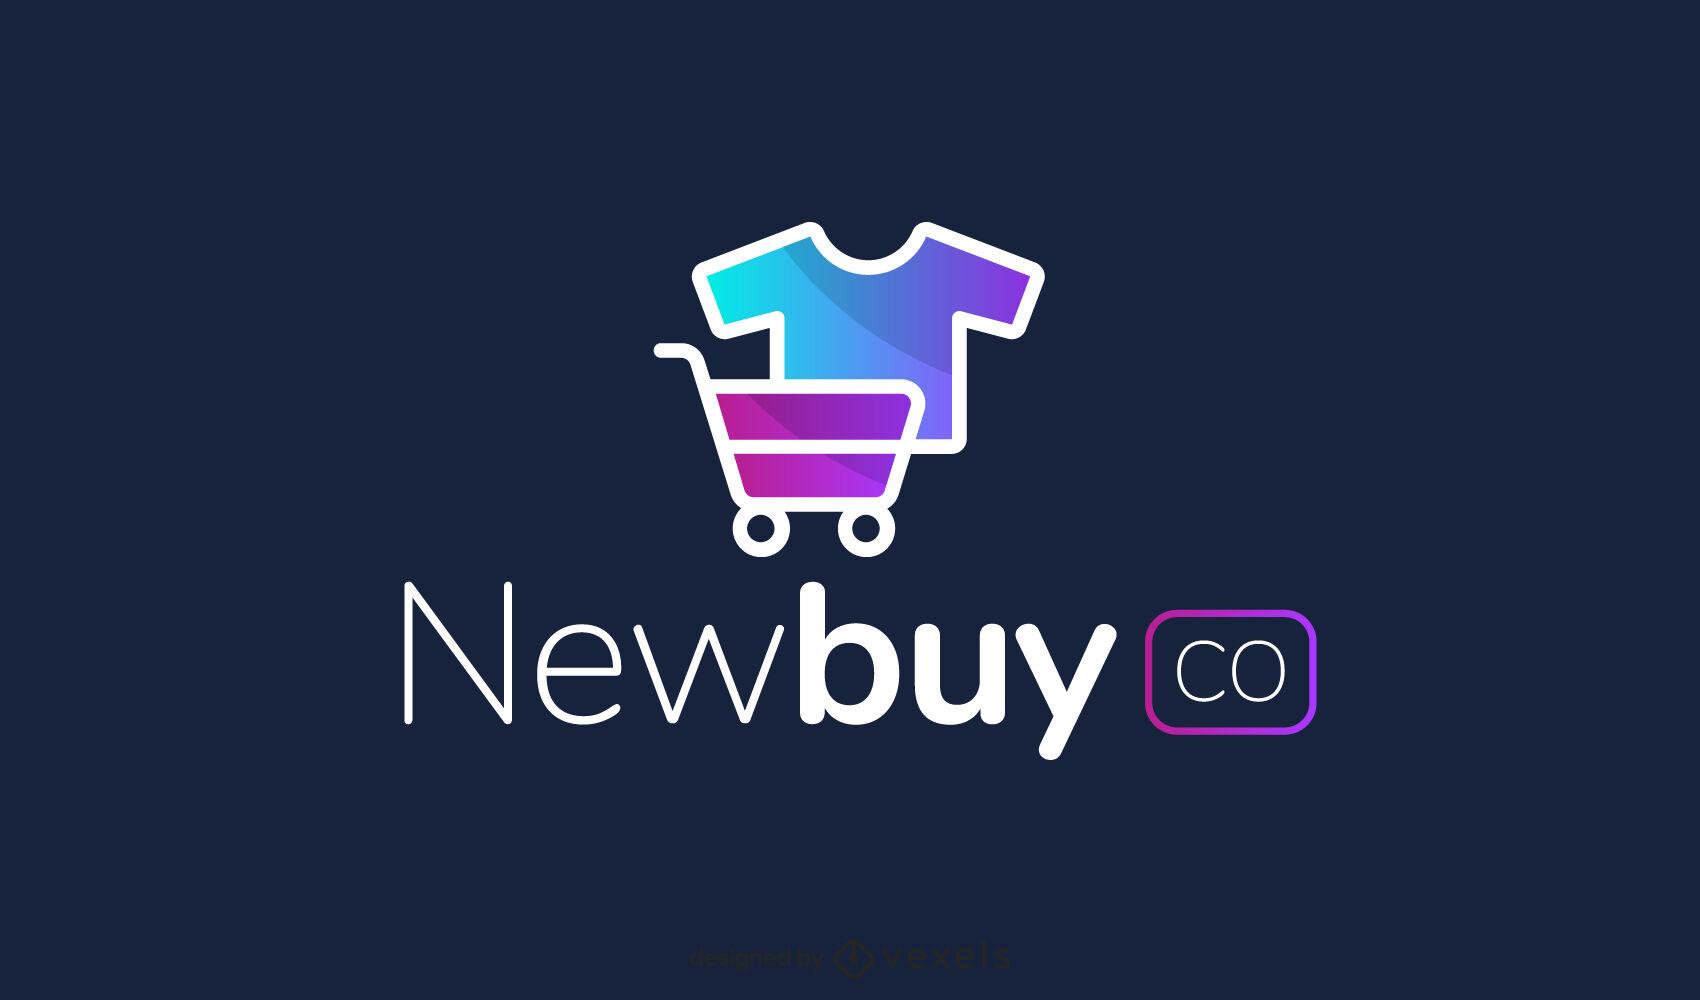 Gradient store logo design